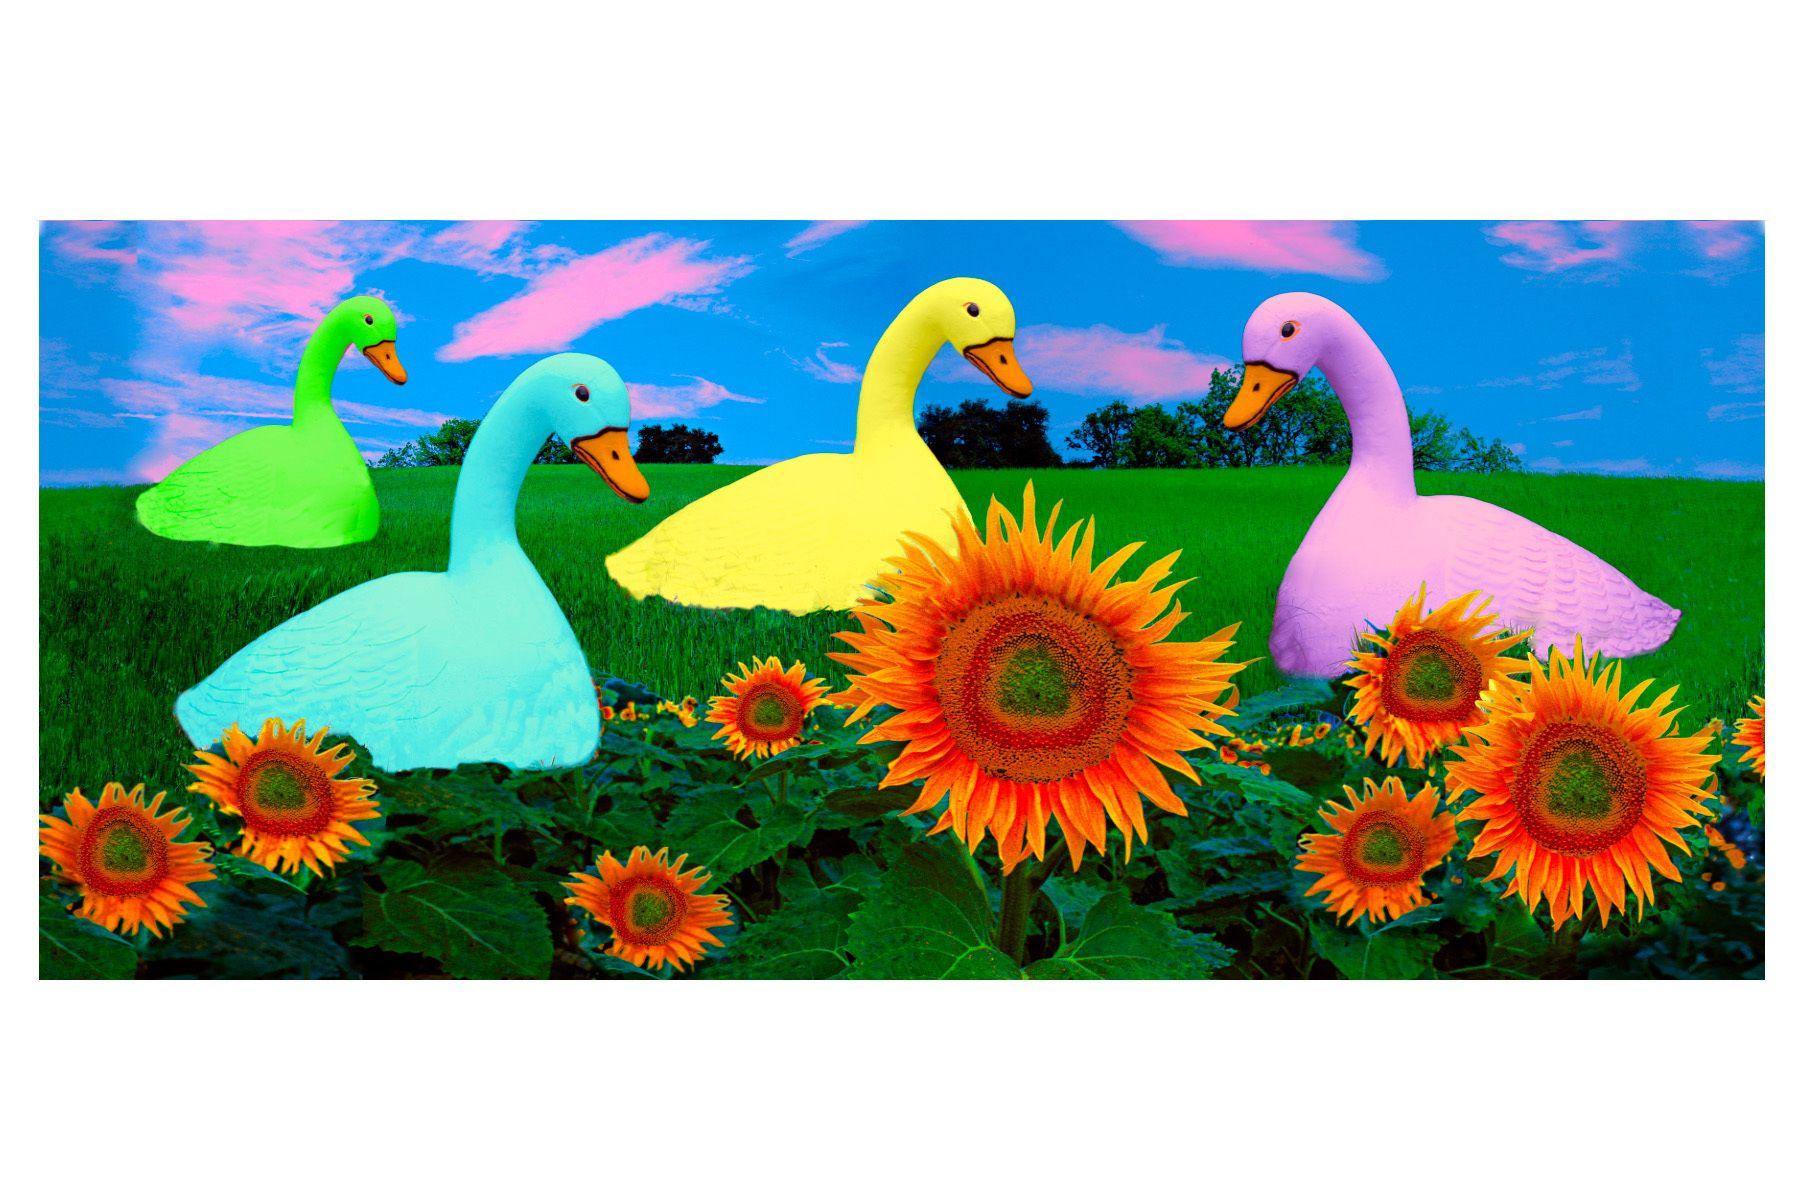 8_0_42_1d_gottlieb_geese_sunflowers.jpg